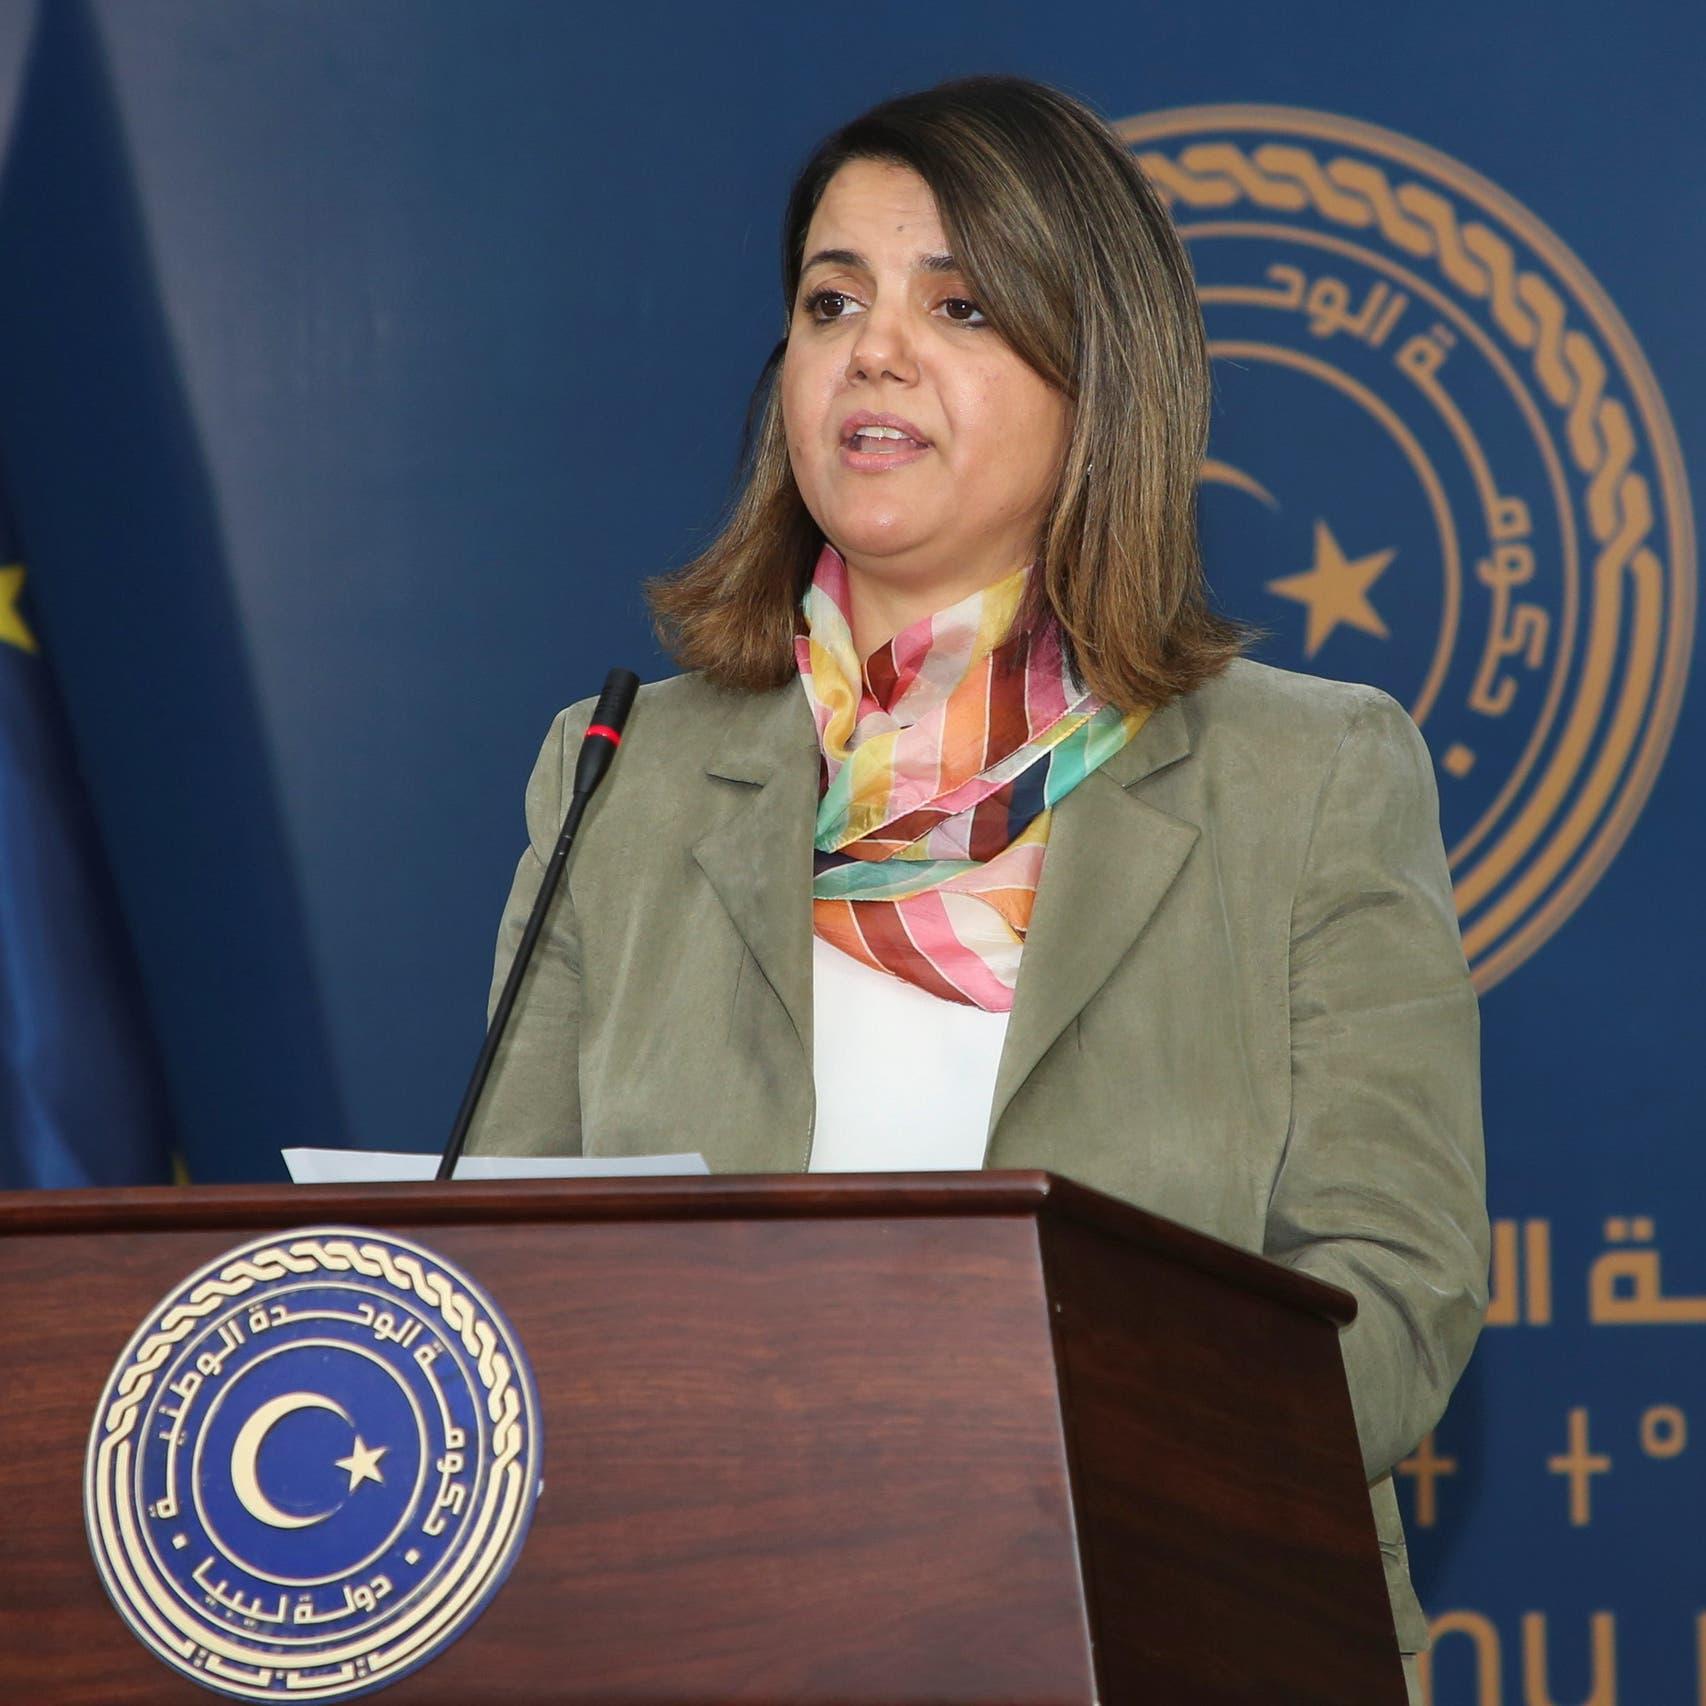 وزيرة خارجية ليبيا تكرر: إخراج المرتزقة أبرز أولوياتنا